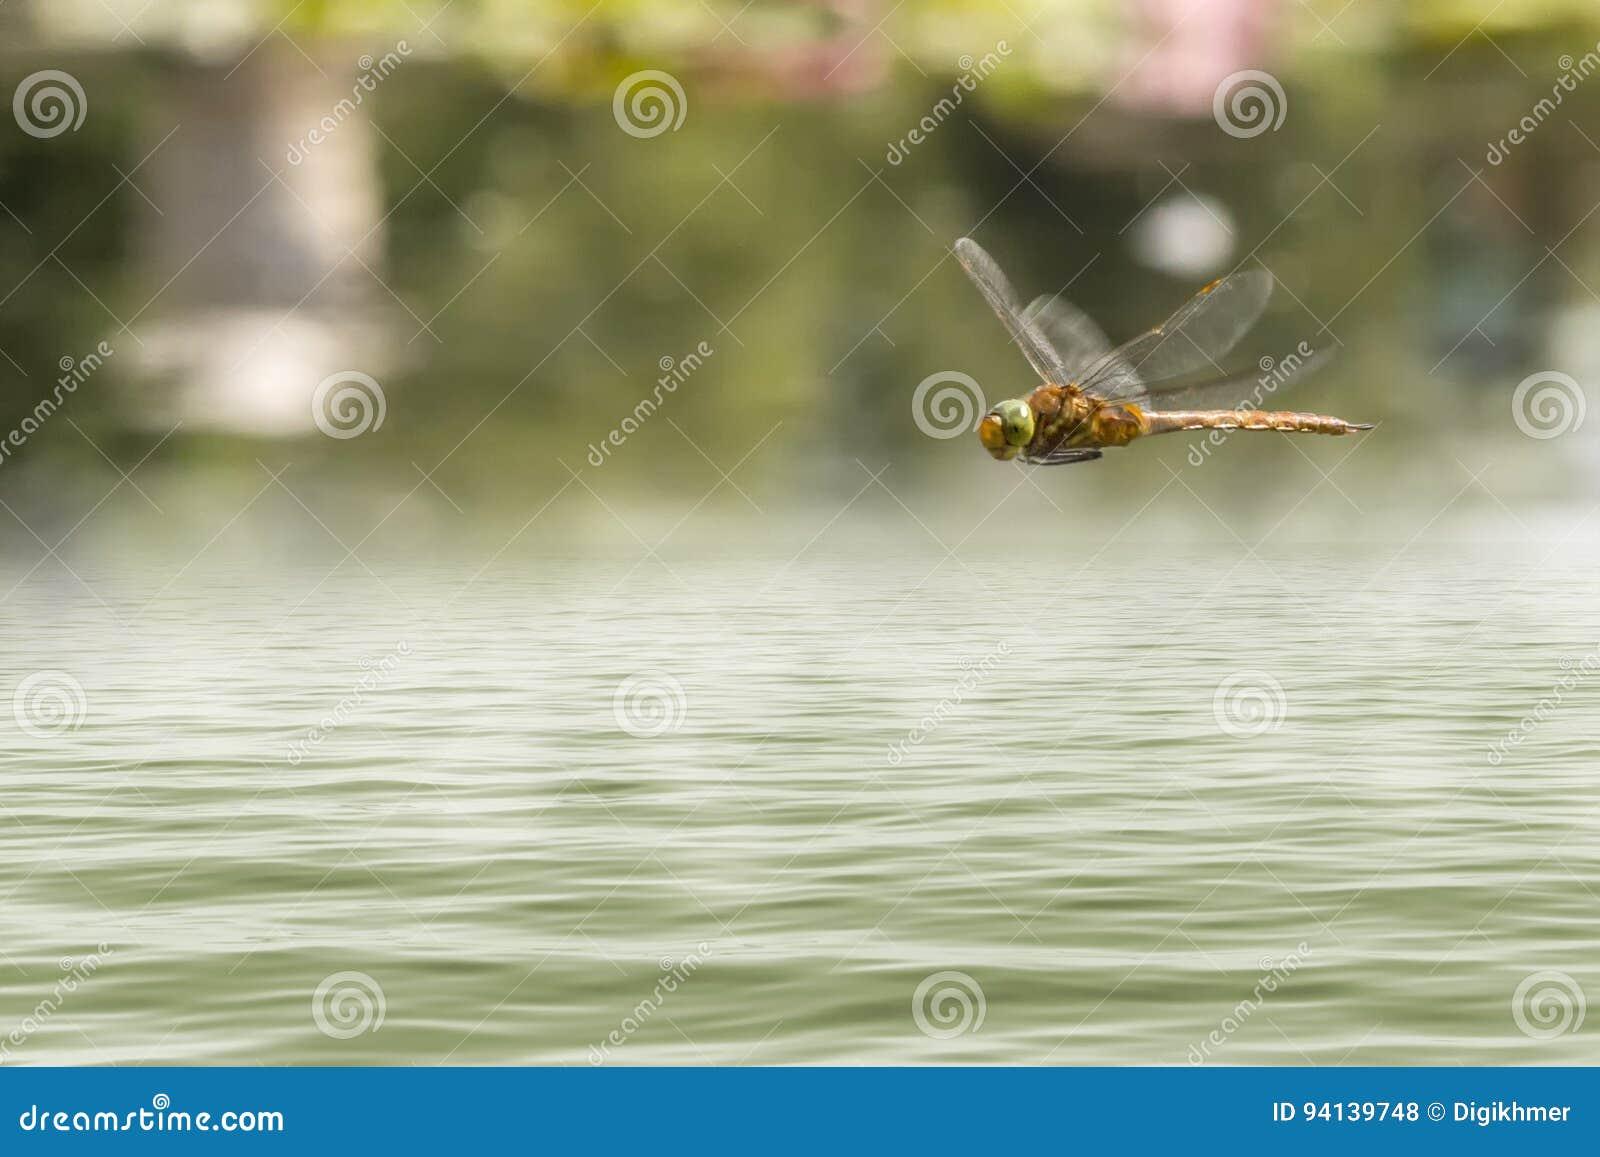 Sländaflyg i en Zenträdgård